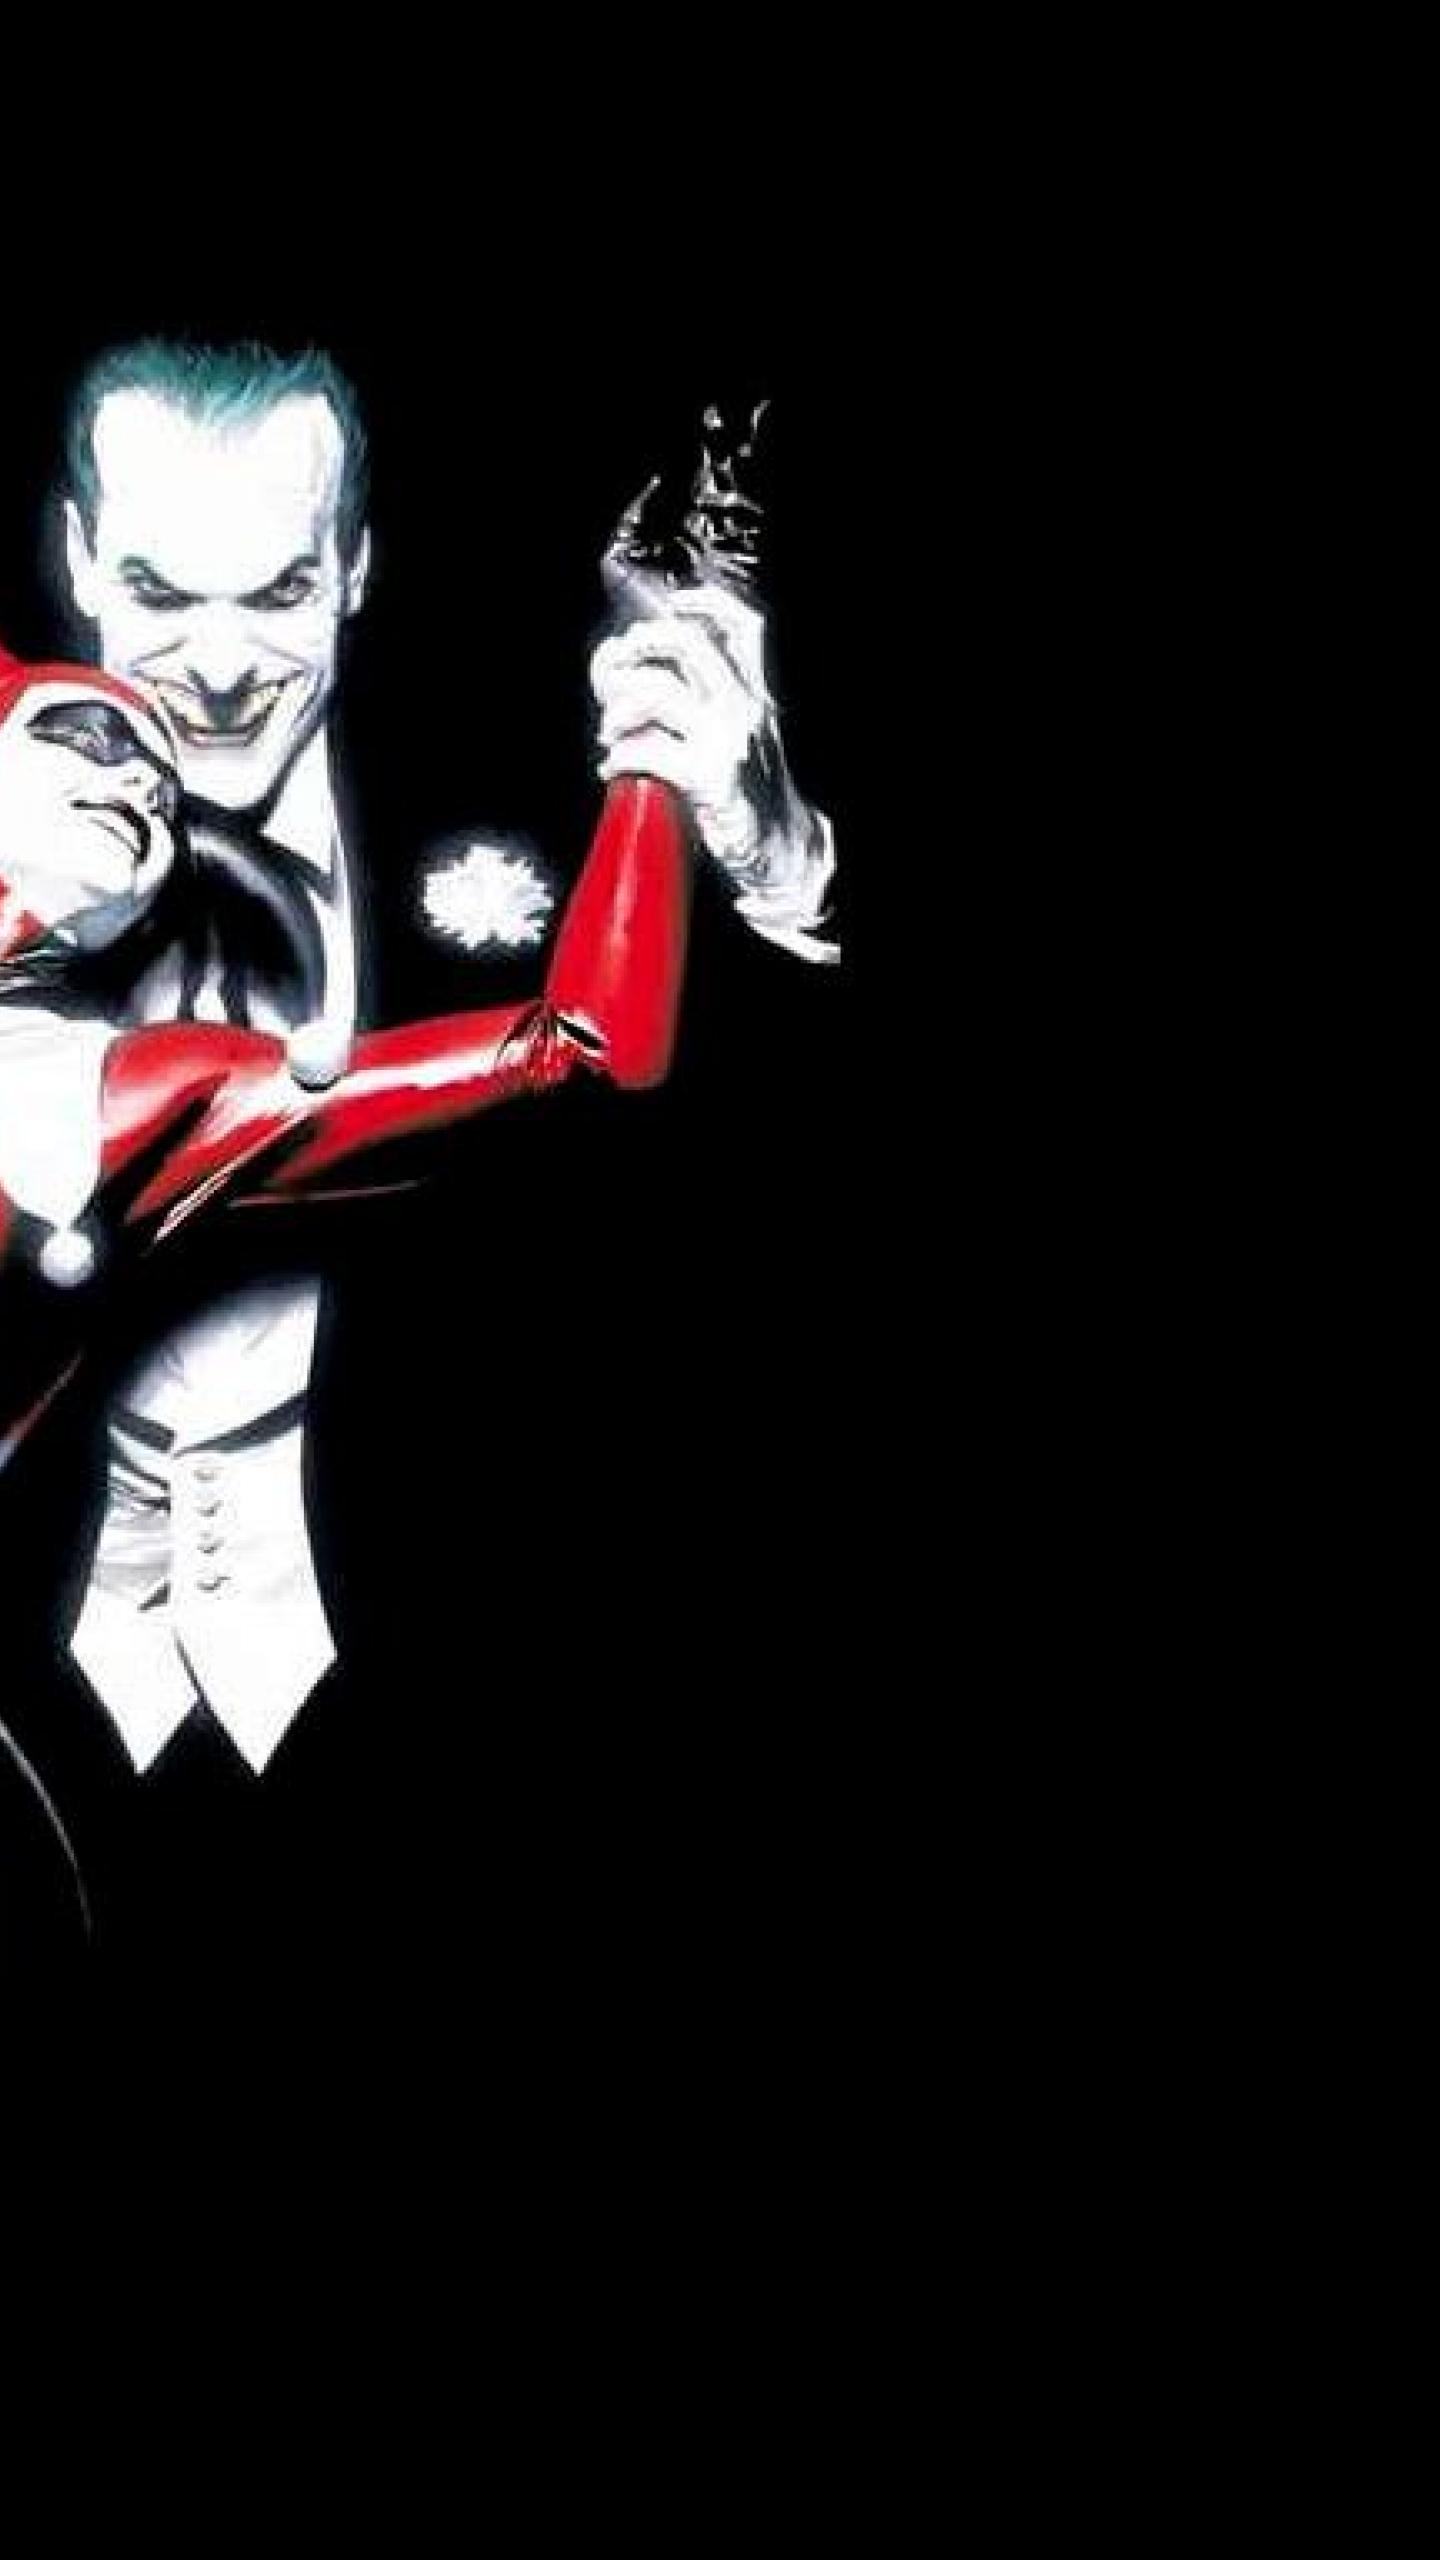 Joker And Harley Quinn Wallpaper Wallpapersafari